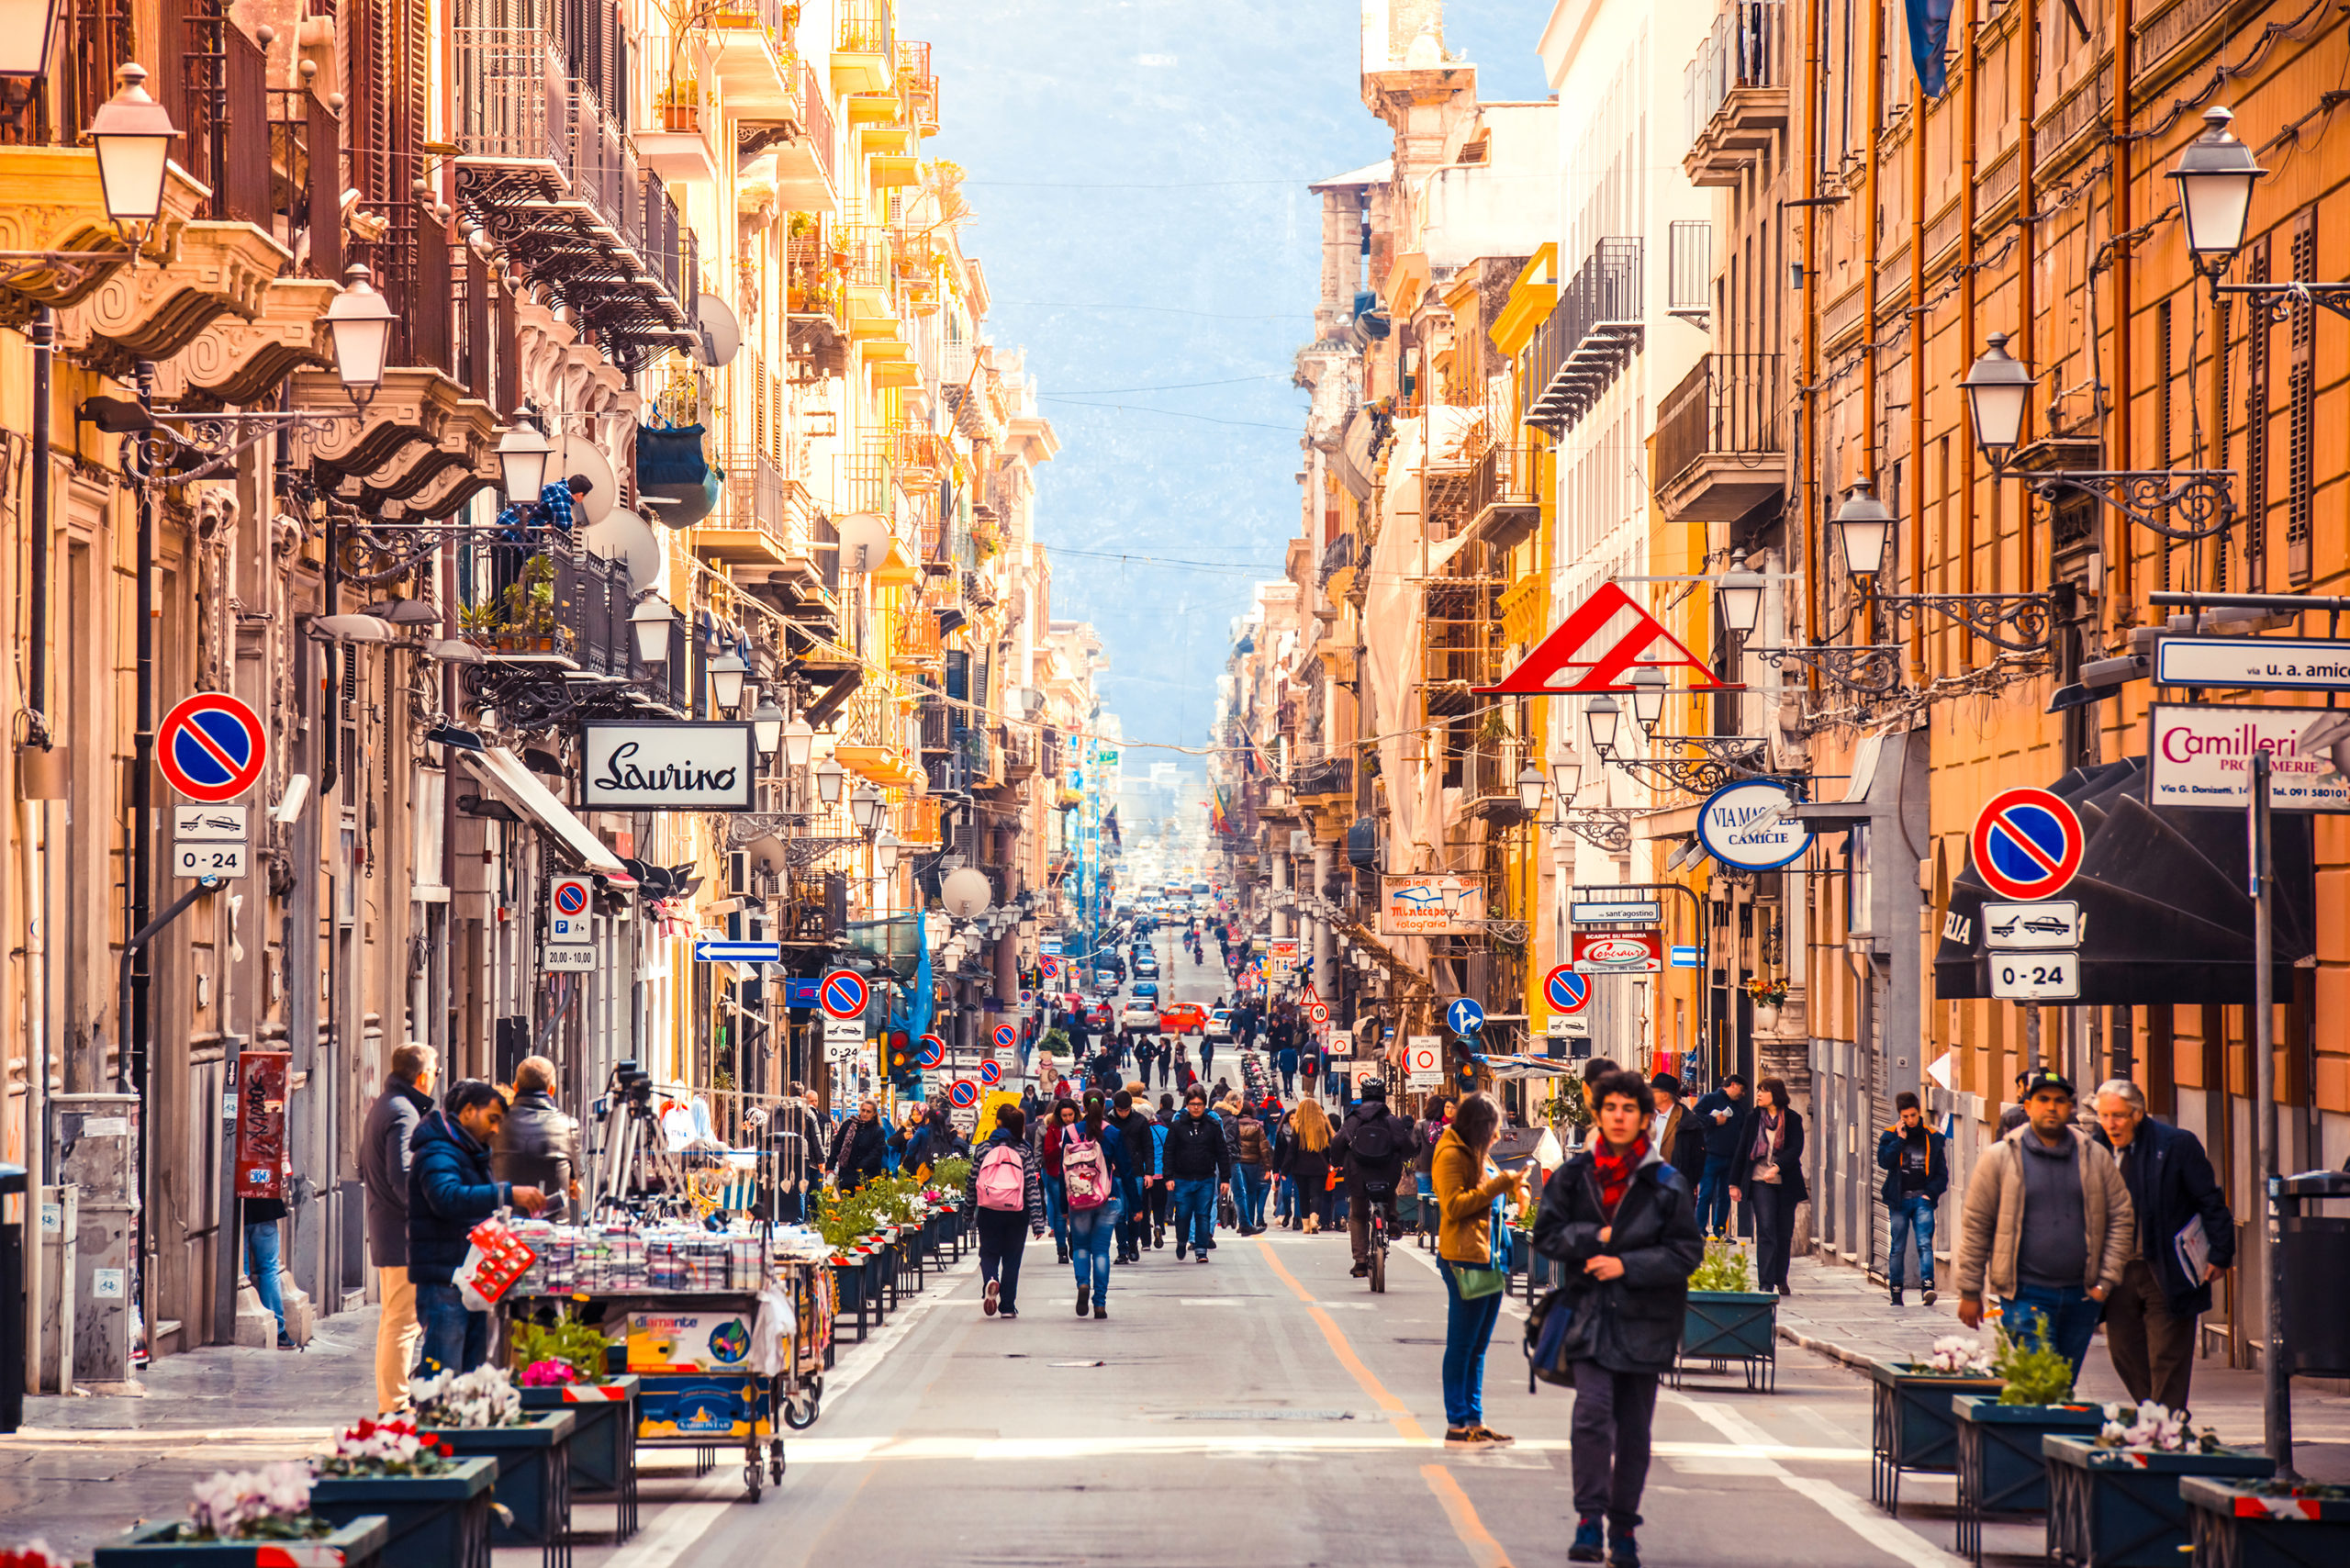 Palermo, licencja: shutterstock/By Yulia Grigoryeva